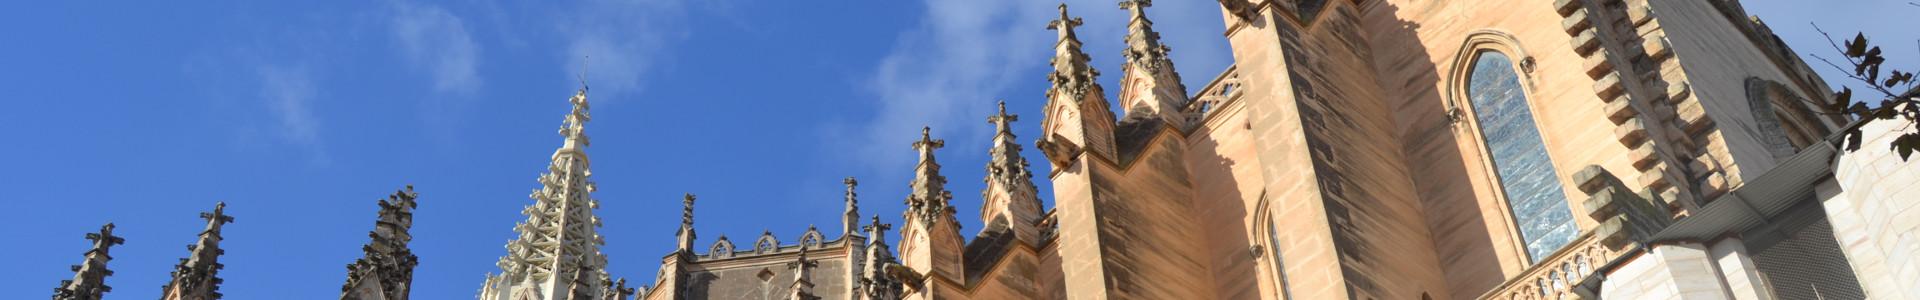 Església Nostra Senyora dels Dolors de Manacor